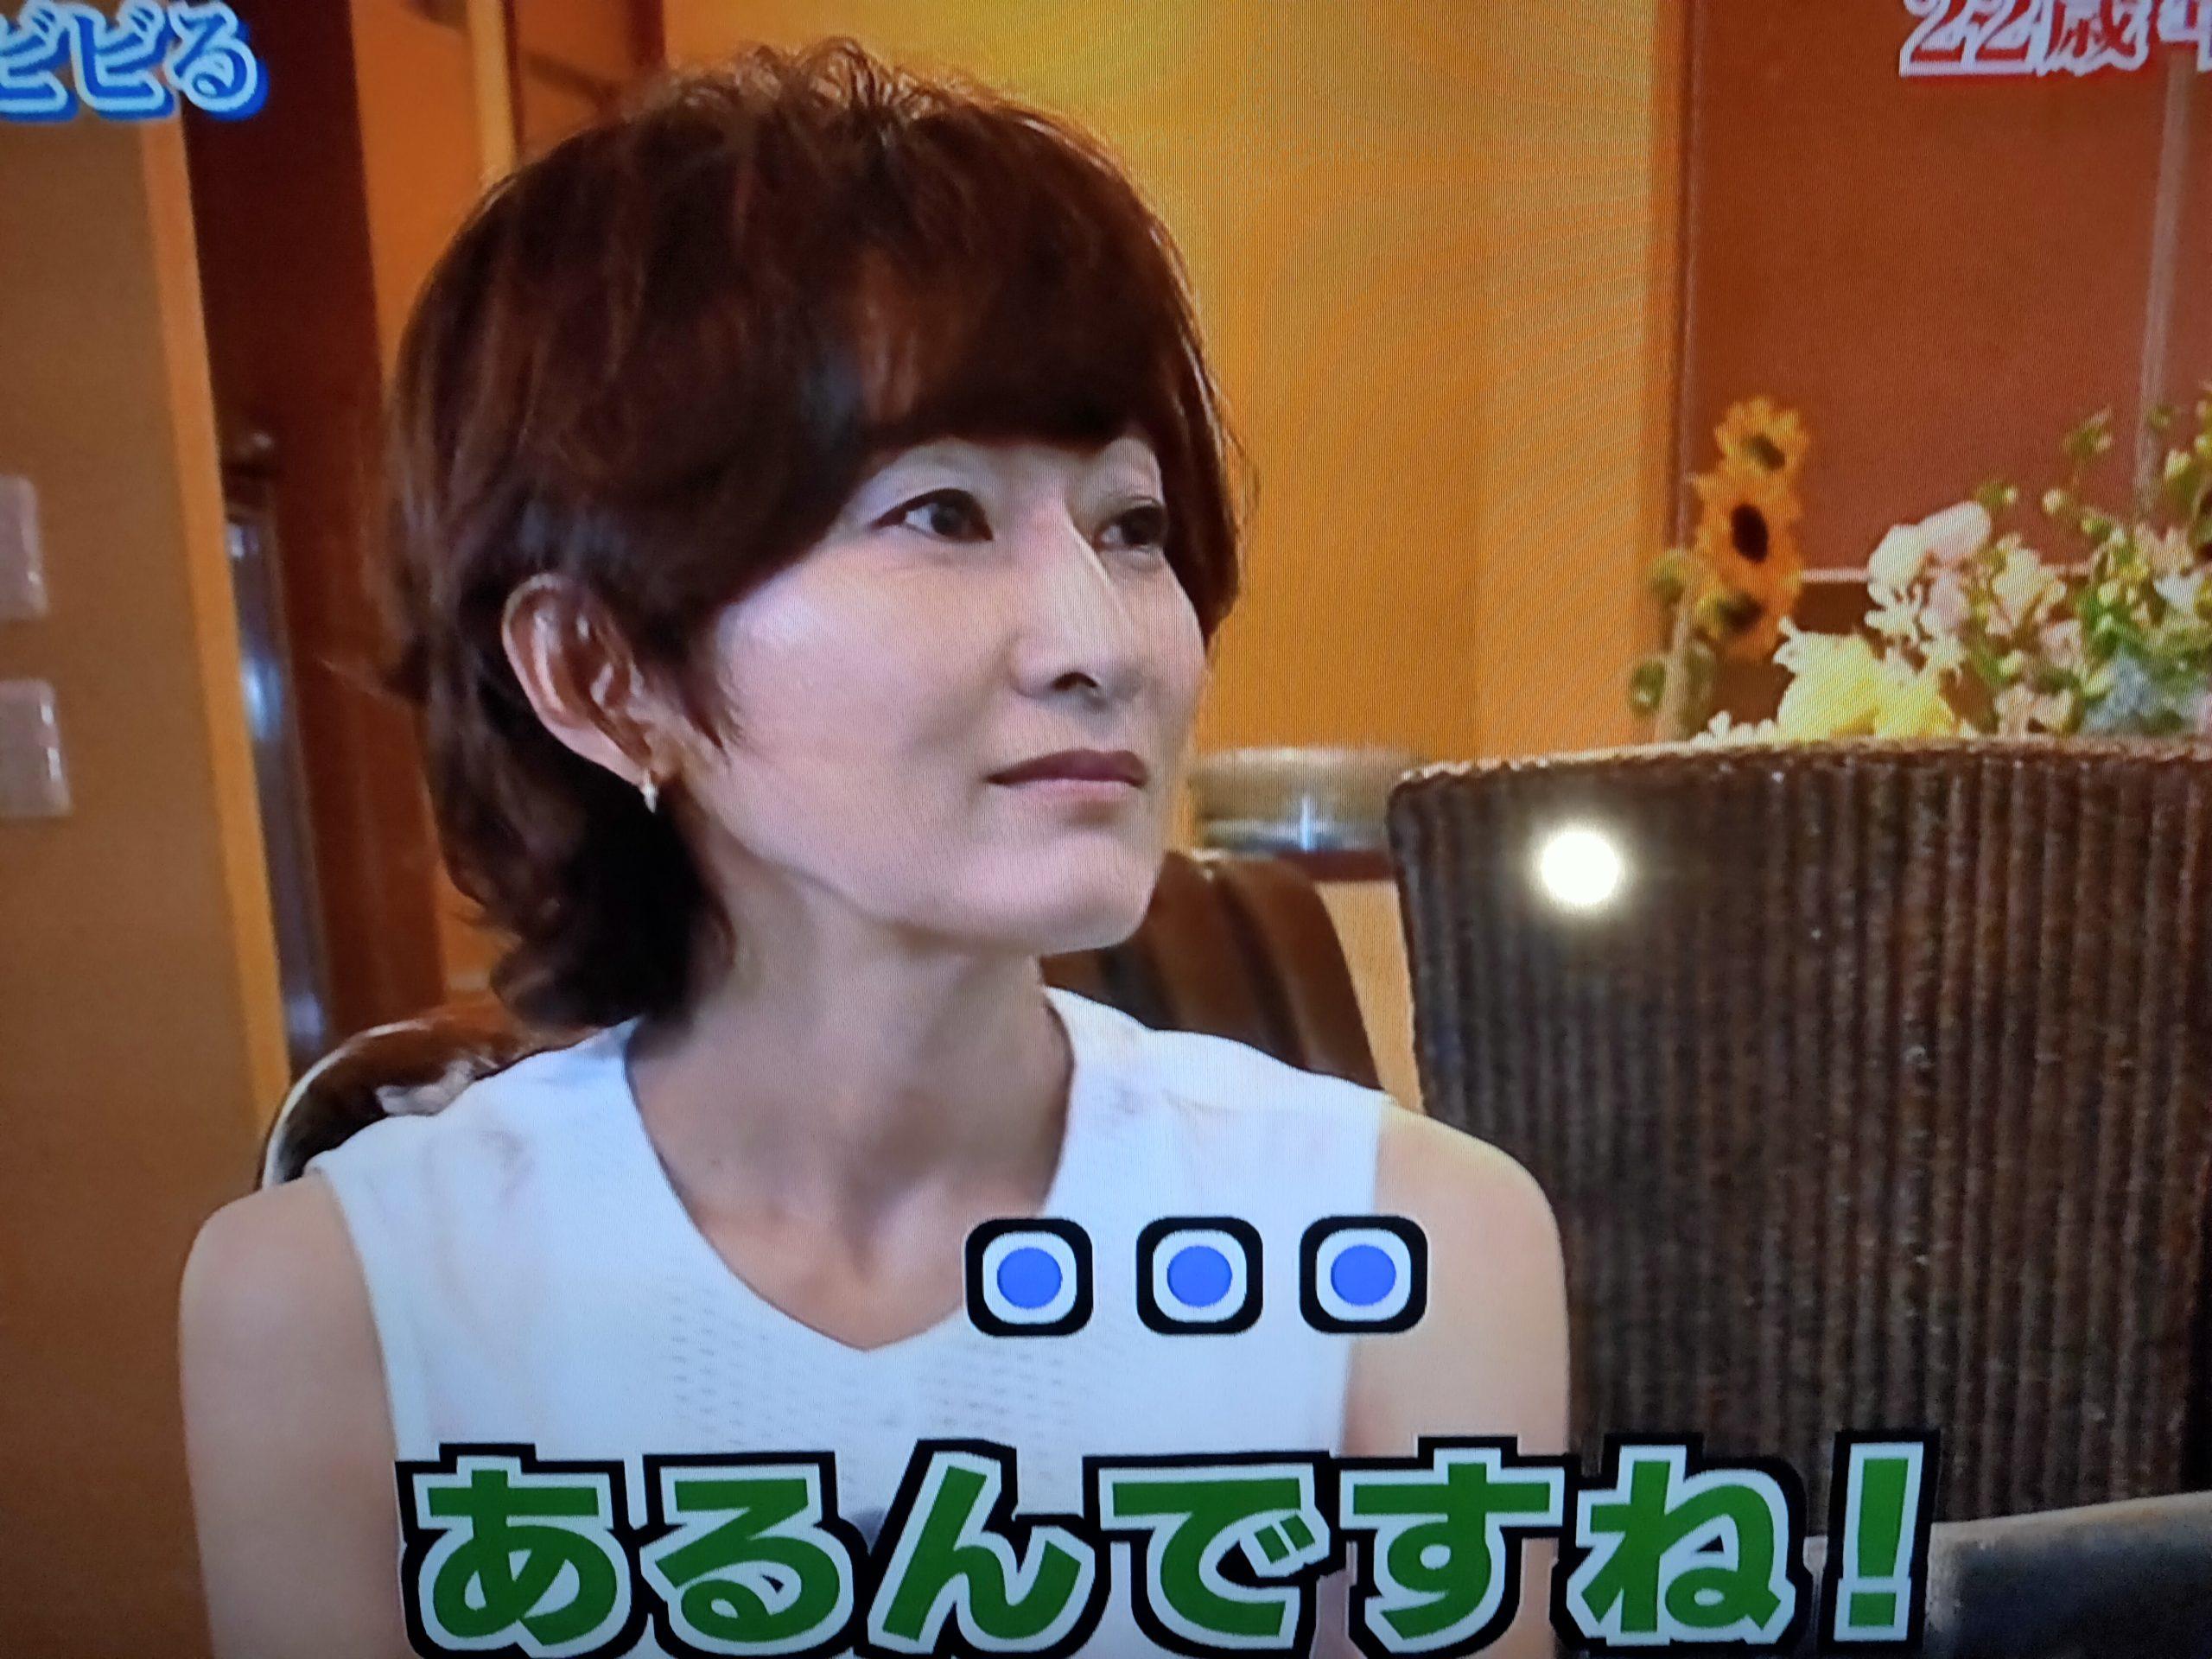 堺正章現在の妻は敦子で3人目!22歳年下元美人モデル!馴れ初めや顔画像!子供は?【深イイ】